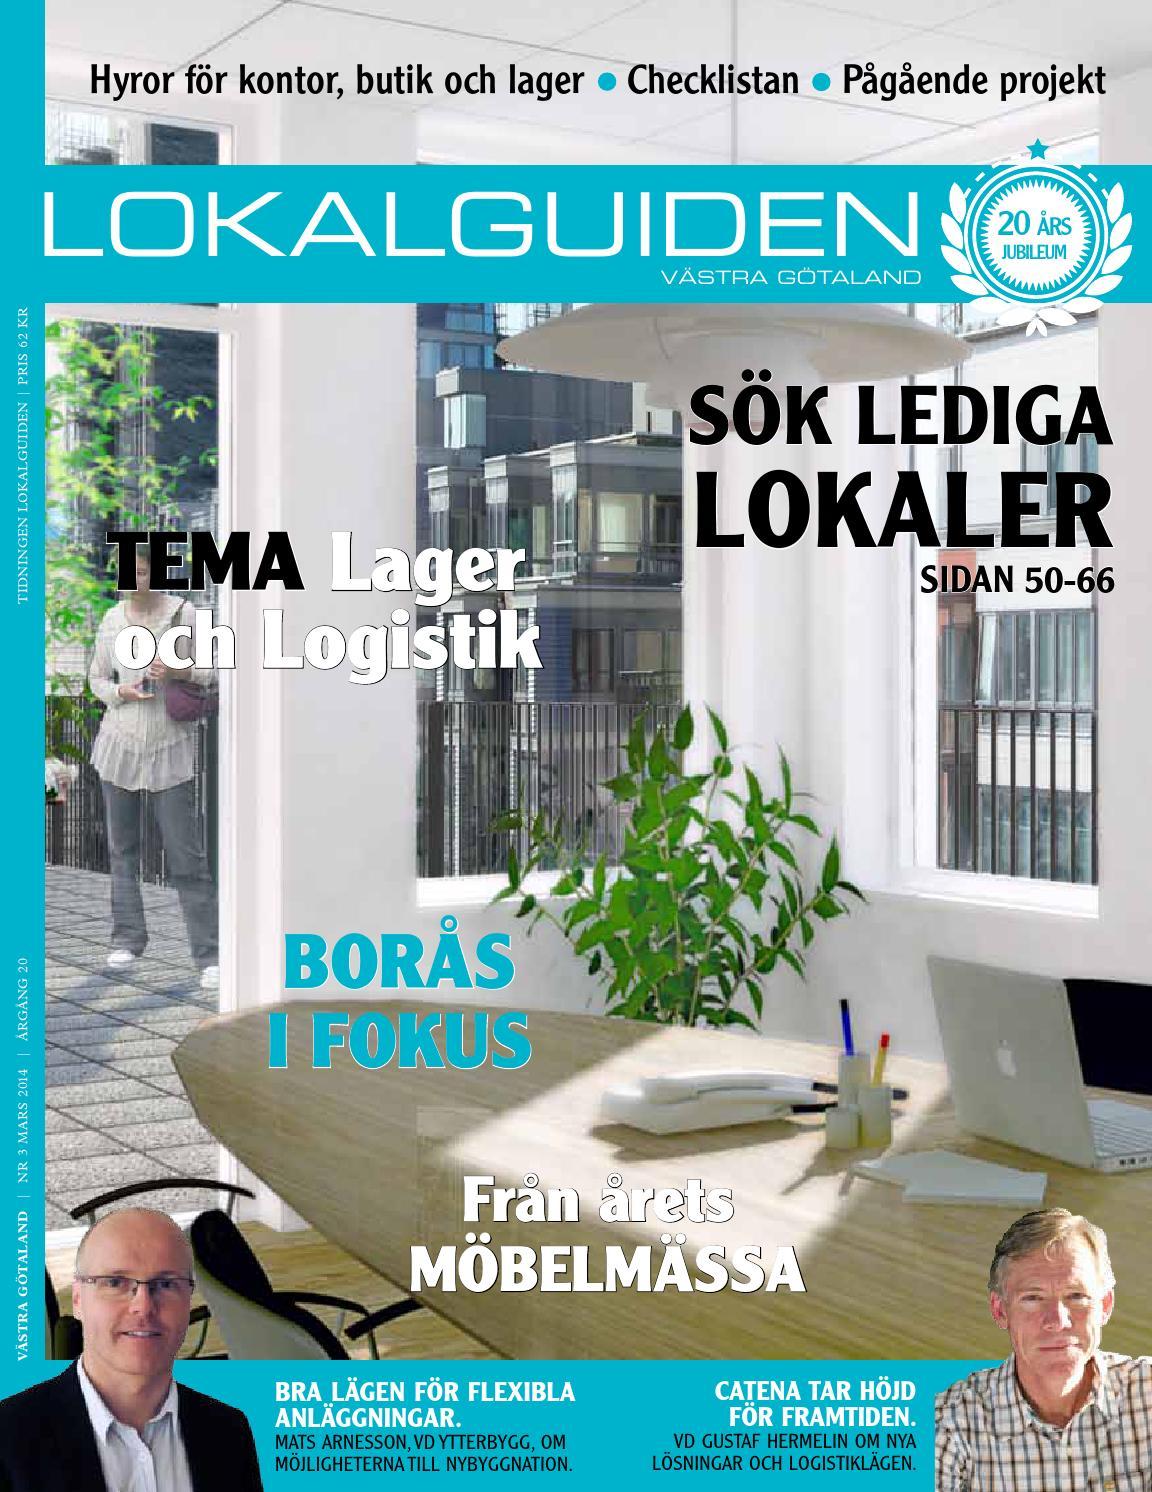 Ingenjrer fr framtiden - rekryteringsevent till Saab Gteborg